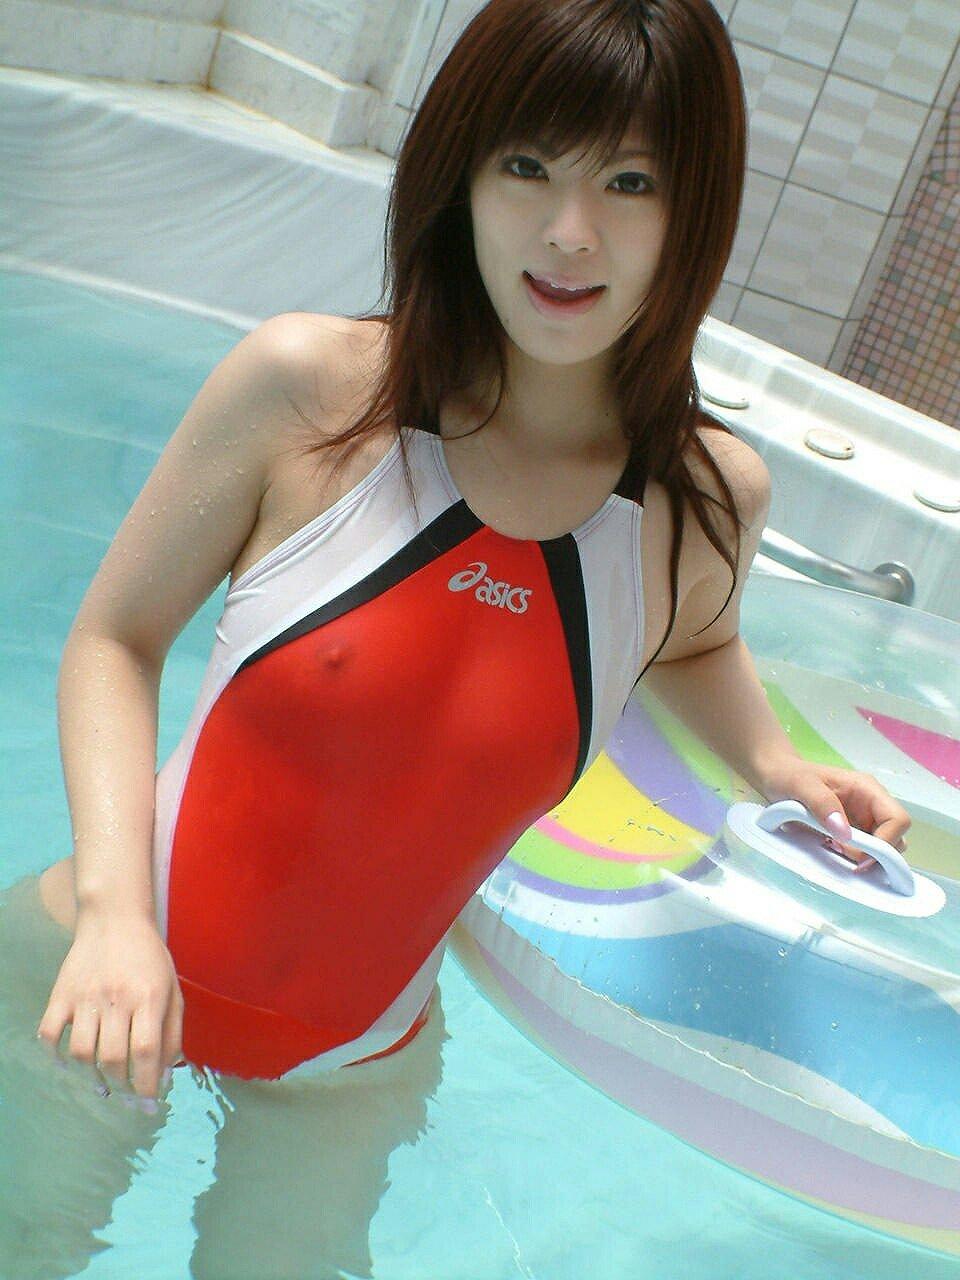 競泳水着を着てチクビが透けてる女